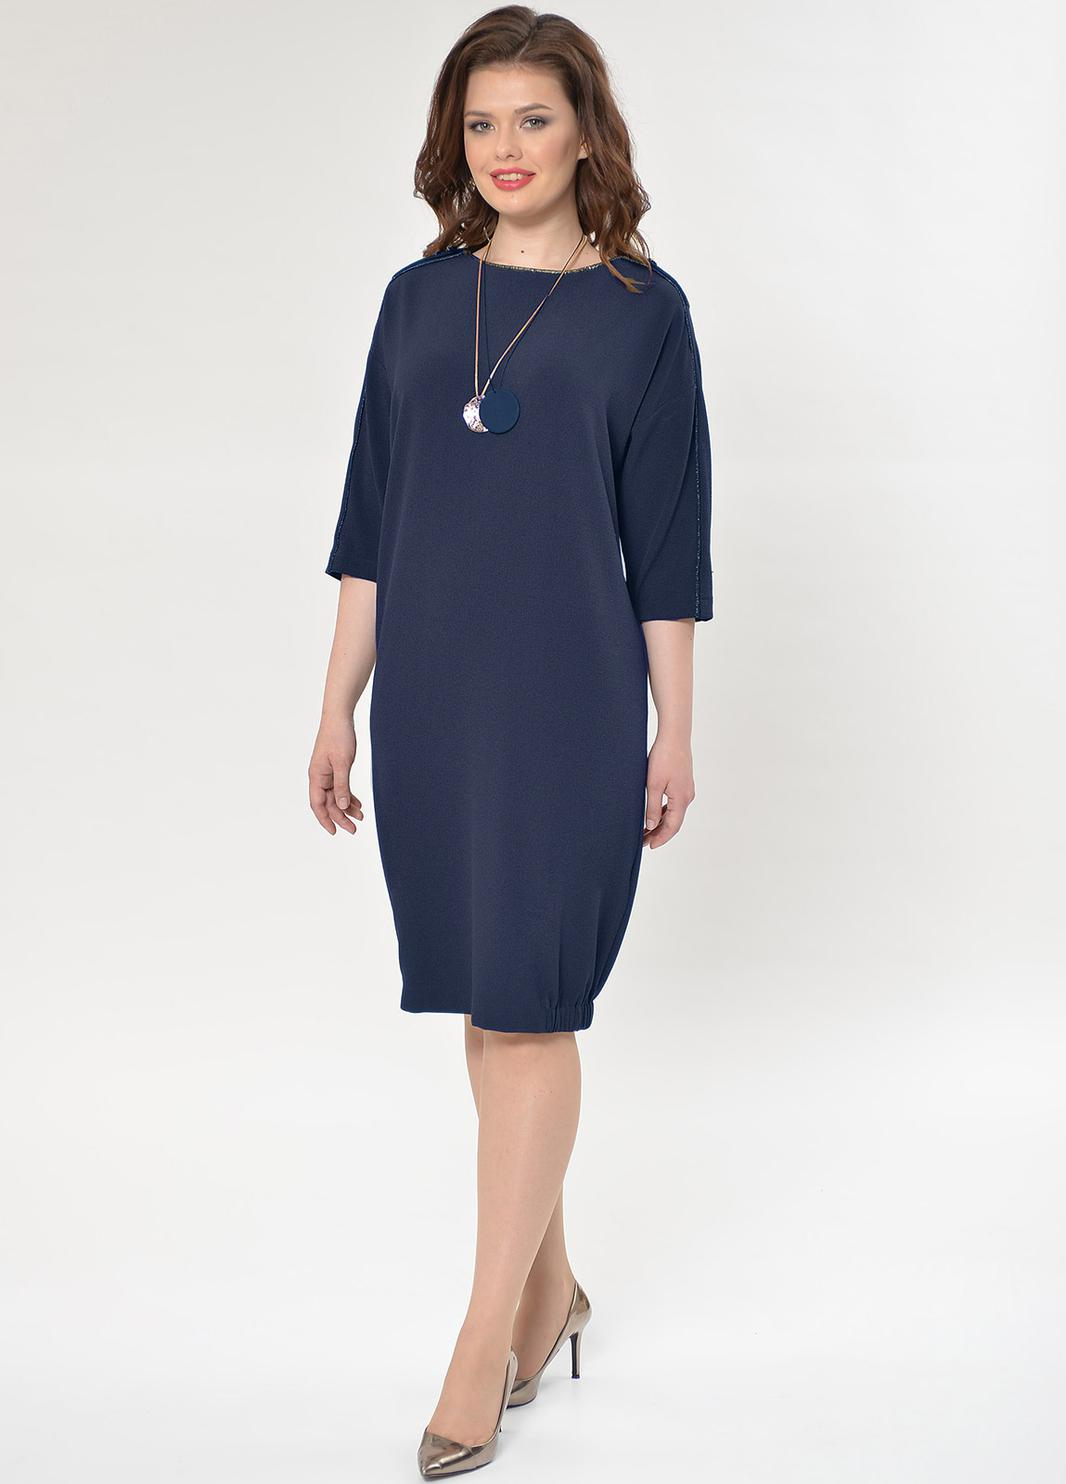 плода прямые платья средней длины фото конструкции позволяют зрительно